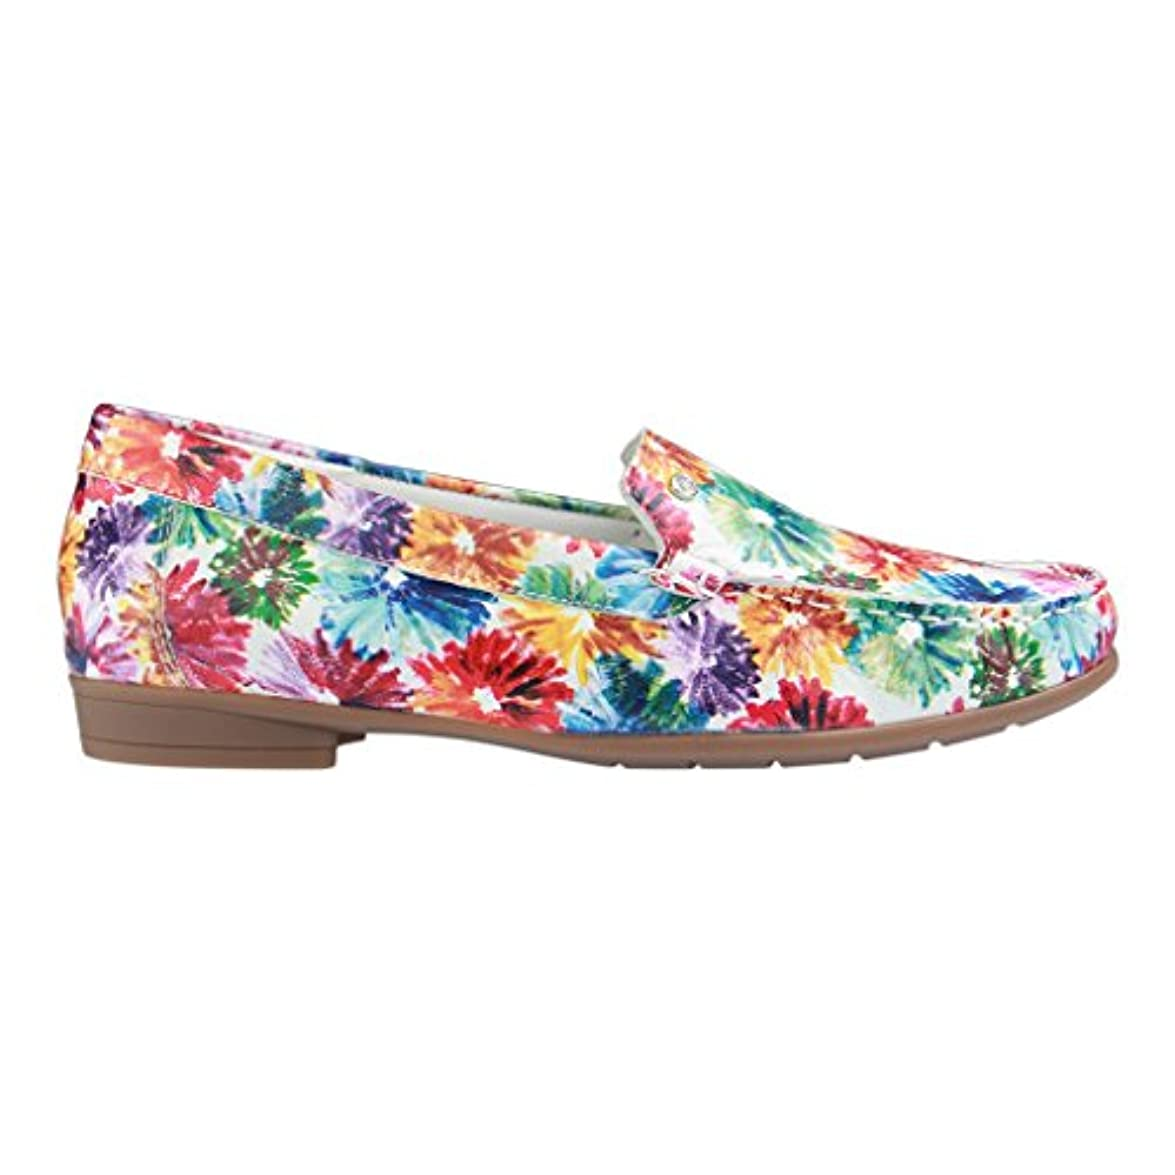 Larga Ara A 12-30771 - Fiorello Donna Multicolor Slipper Pianta Da